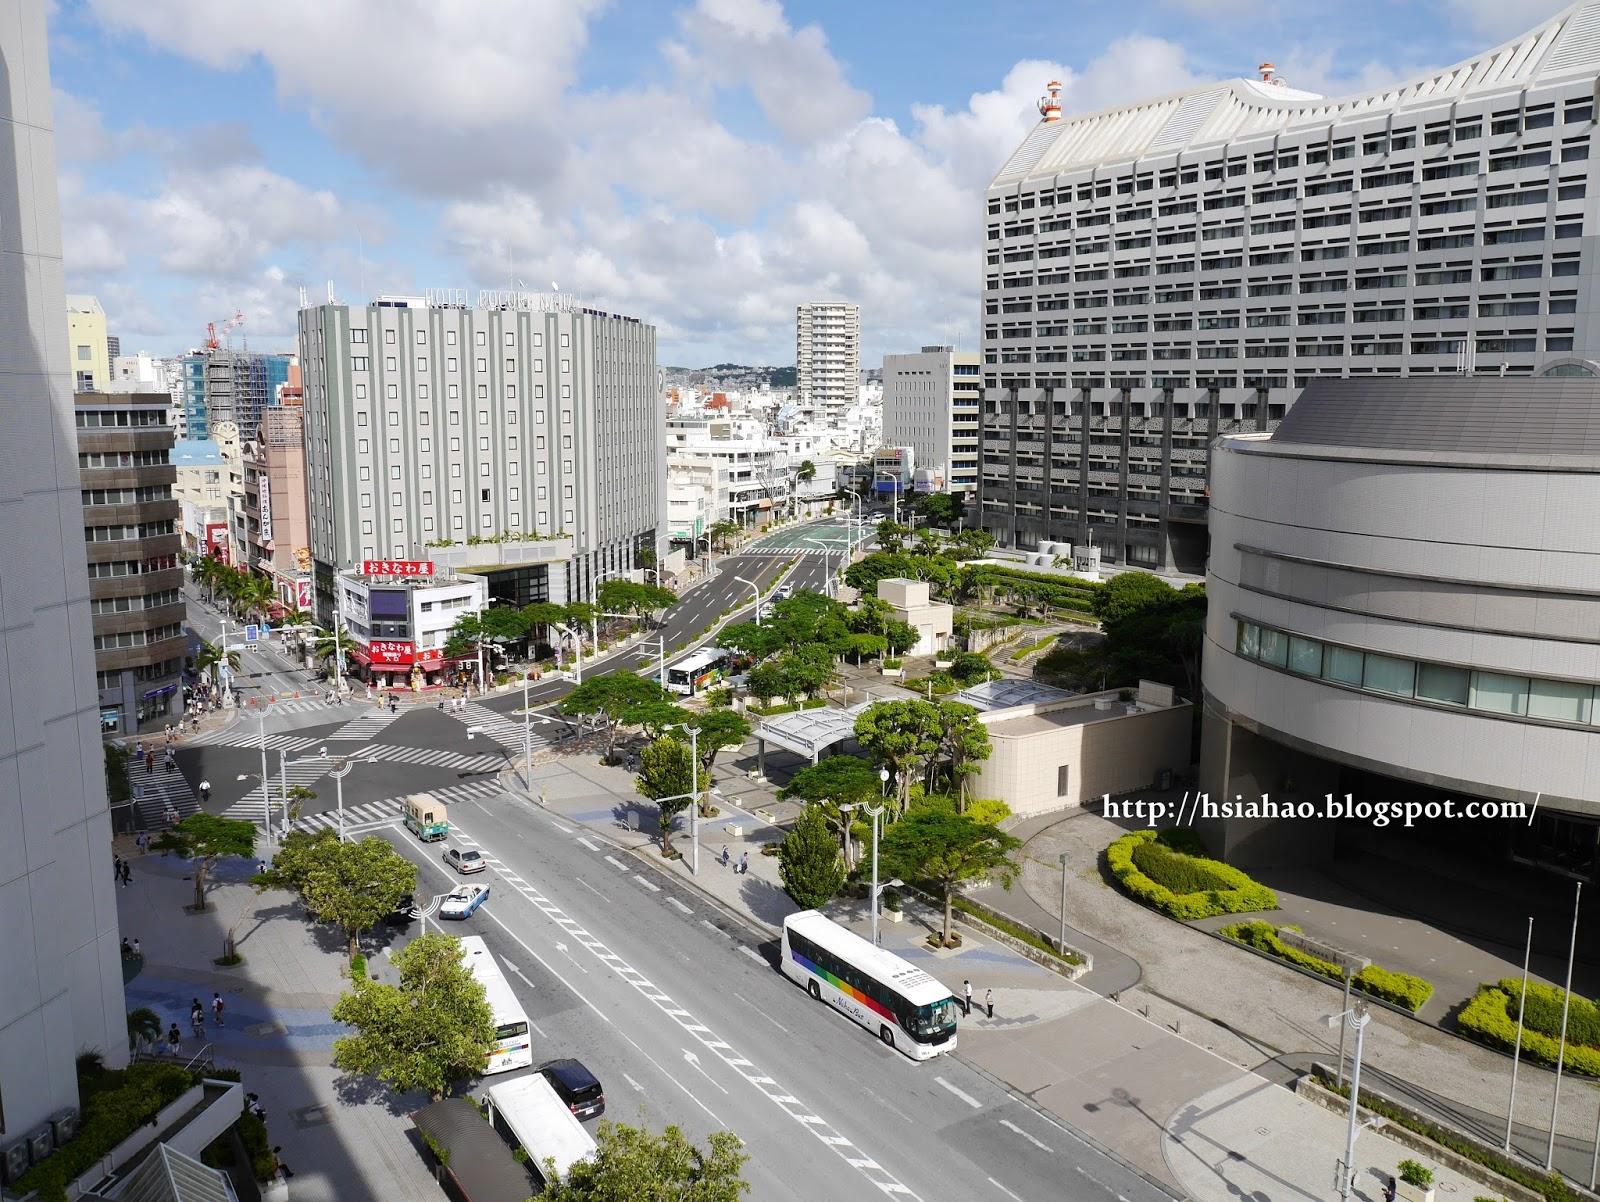 沖繩-國際通-縣廳前-國際通逛街-國際通購物-國際通景點-自由行-Okinawa-kokusaidori